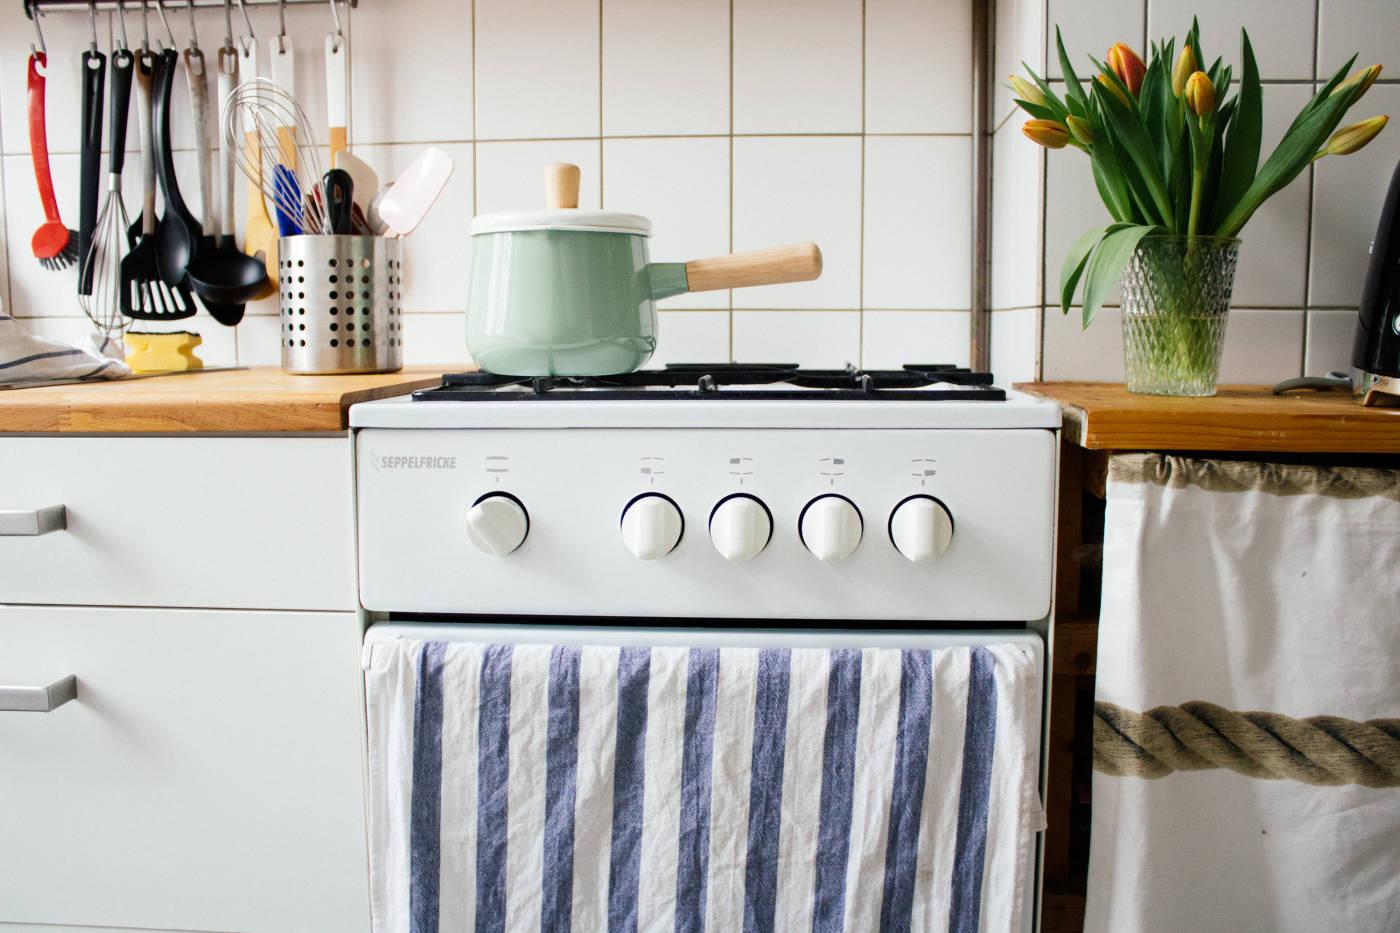 backen mit gasofen 5 tipps zucker jagdwurst. Black Bedroom Furniture Sets. Home Design Ideas